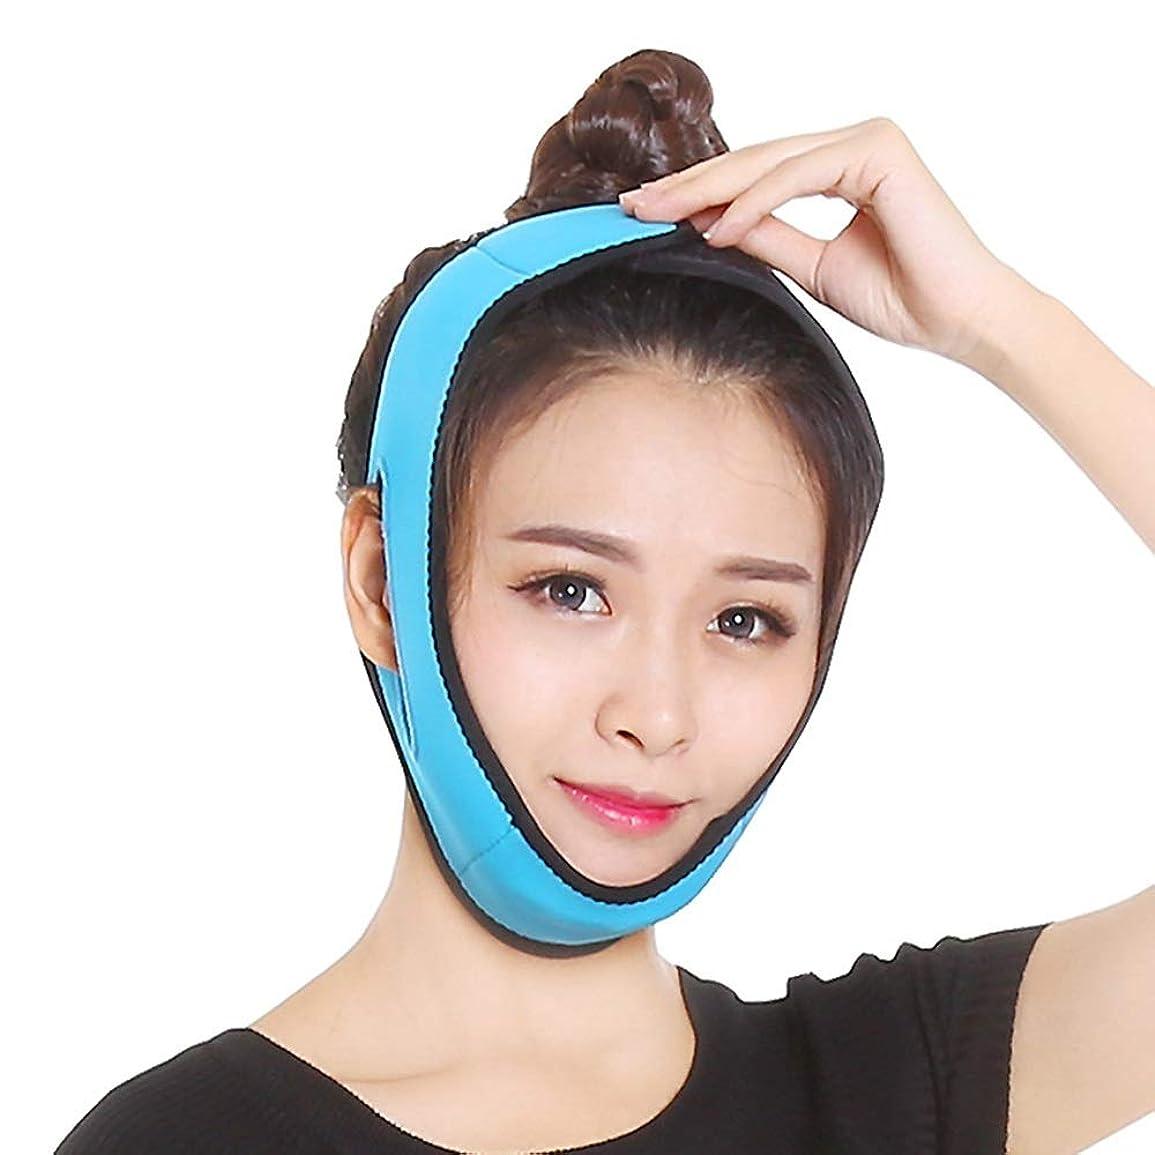 コンピューターベッツィトロットウッド真実Jia Jia- フェイシャルリフティングスリミングベルト - 薄いフェイス包帯二重あごデバイス無料フェイシャルマッサージ整形マスクを引き締める顔と首の顔スリム 顔面包帯